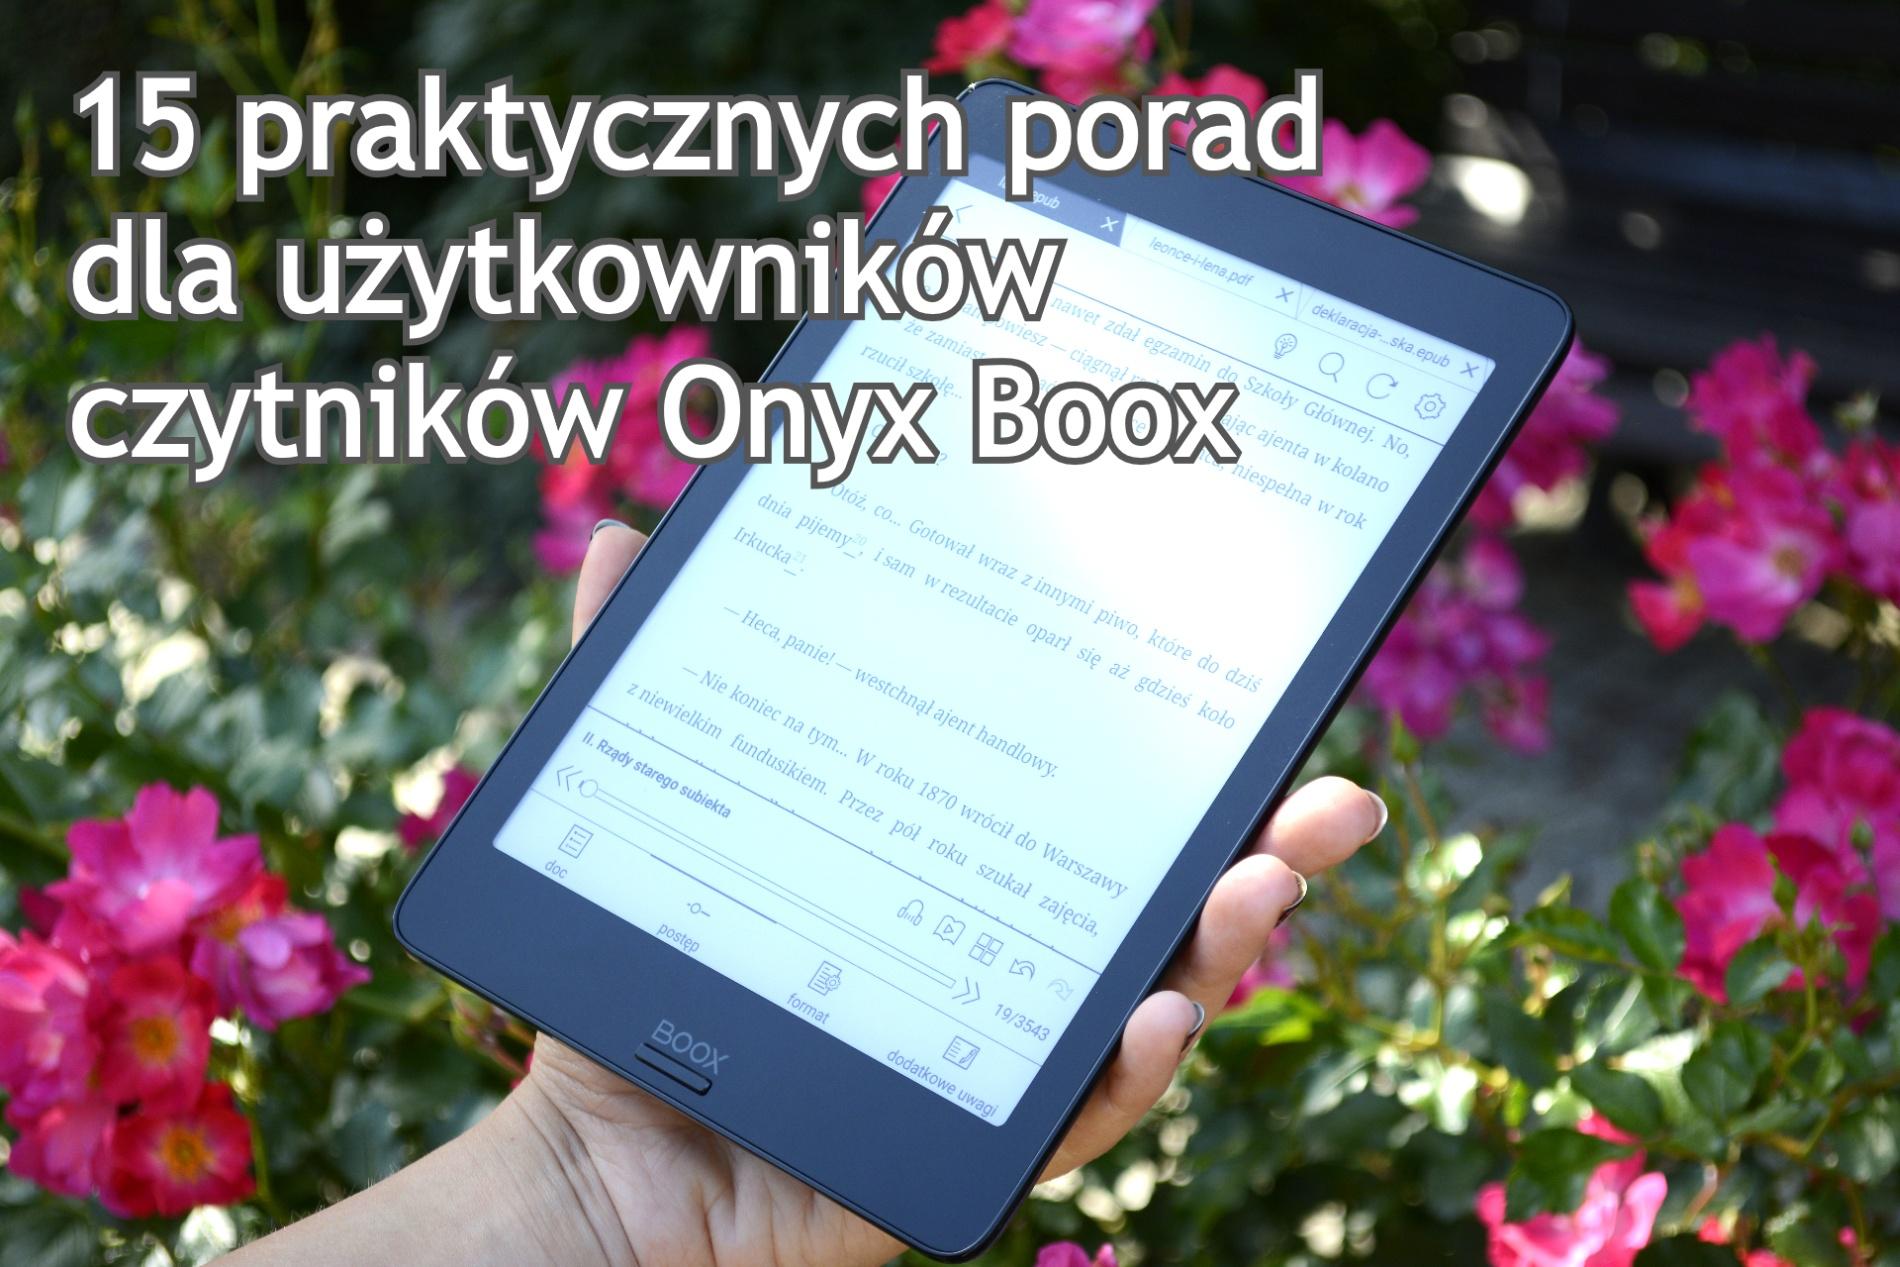 15 praktycznych porad dla użytkowników czytników Onyx Boox - www.naczytniku.pl